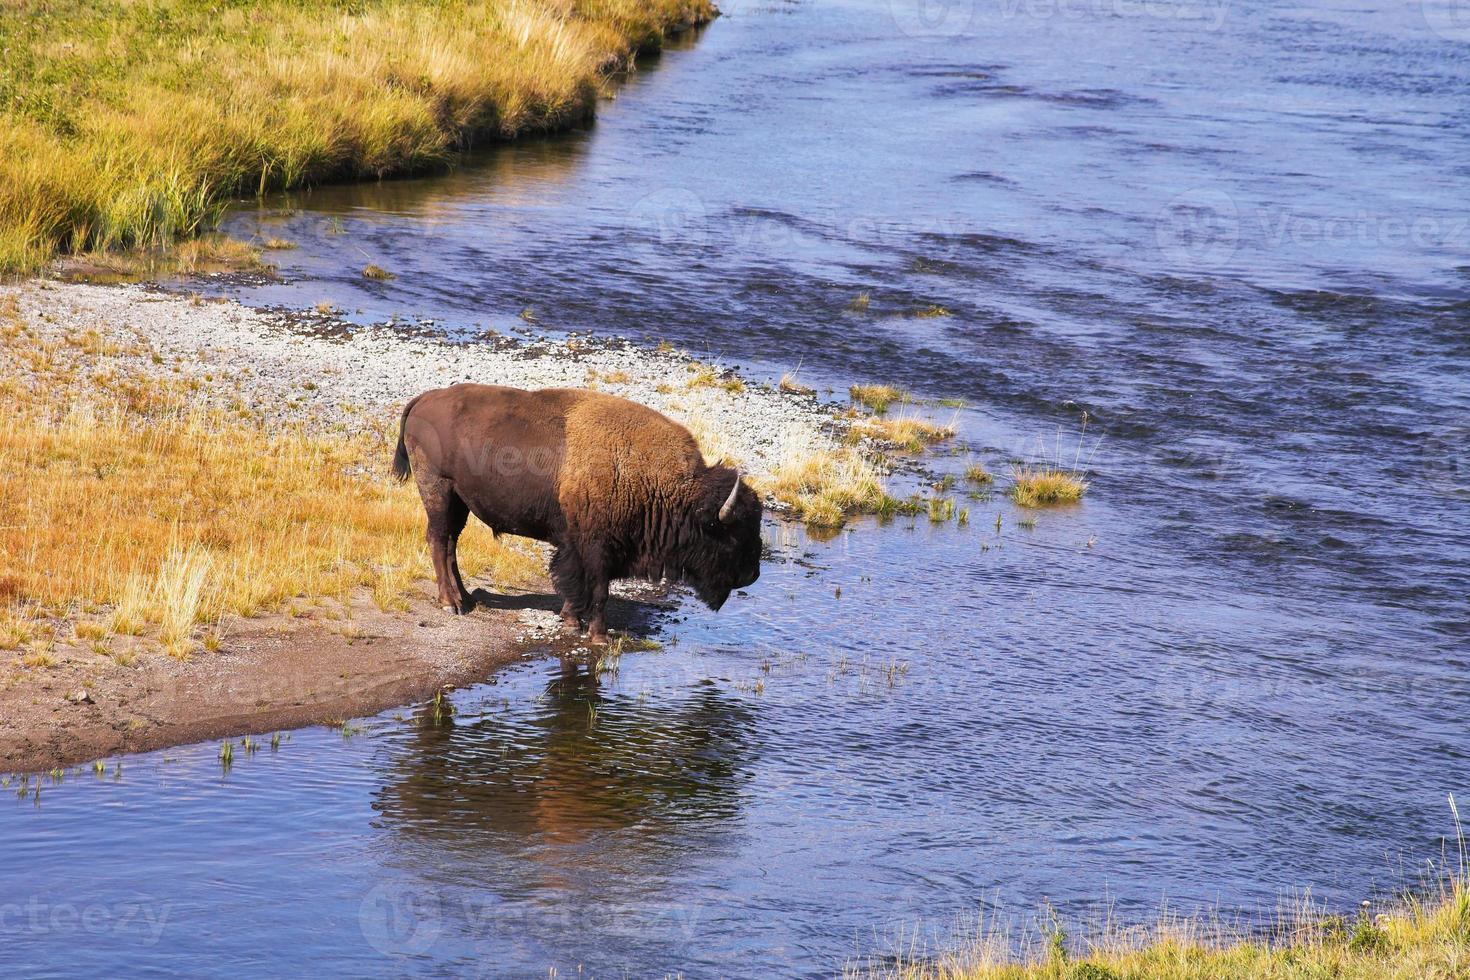 il bisonte beve acqua foto